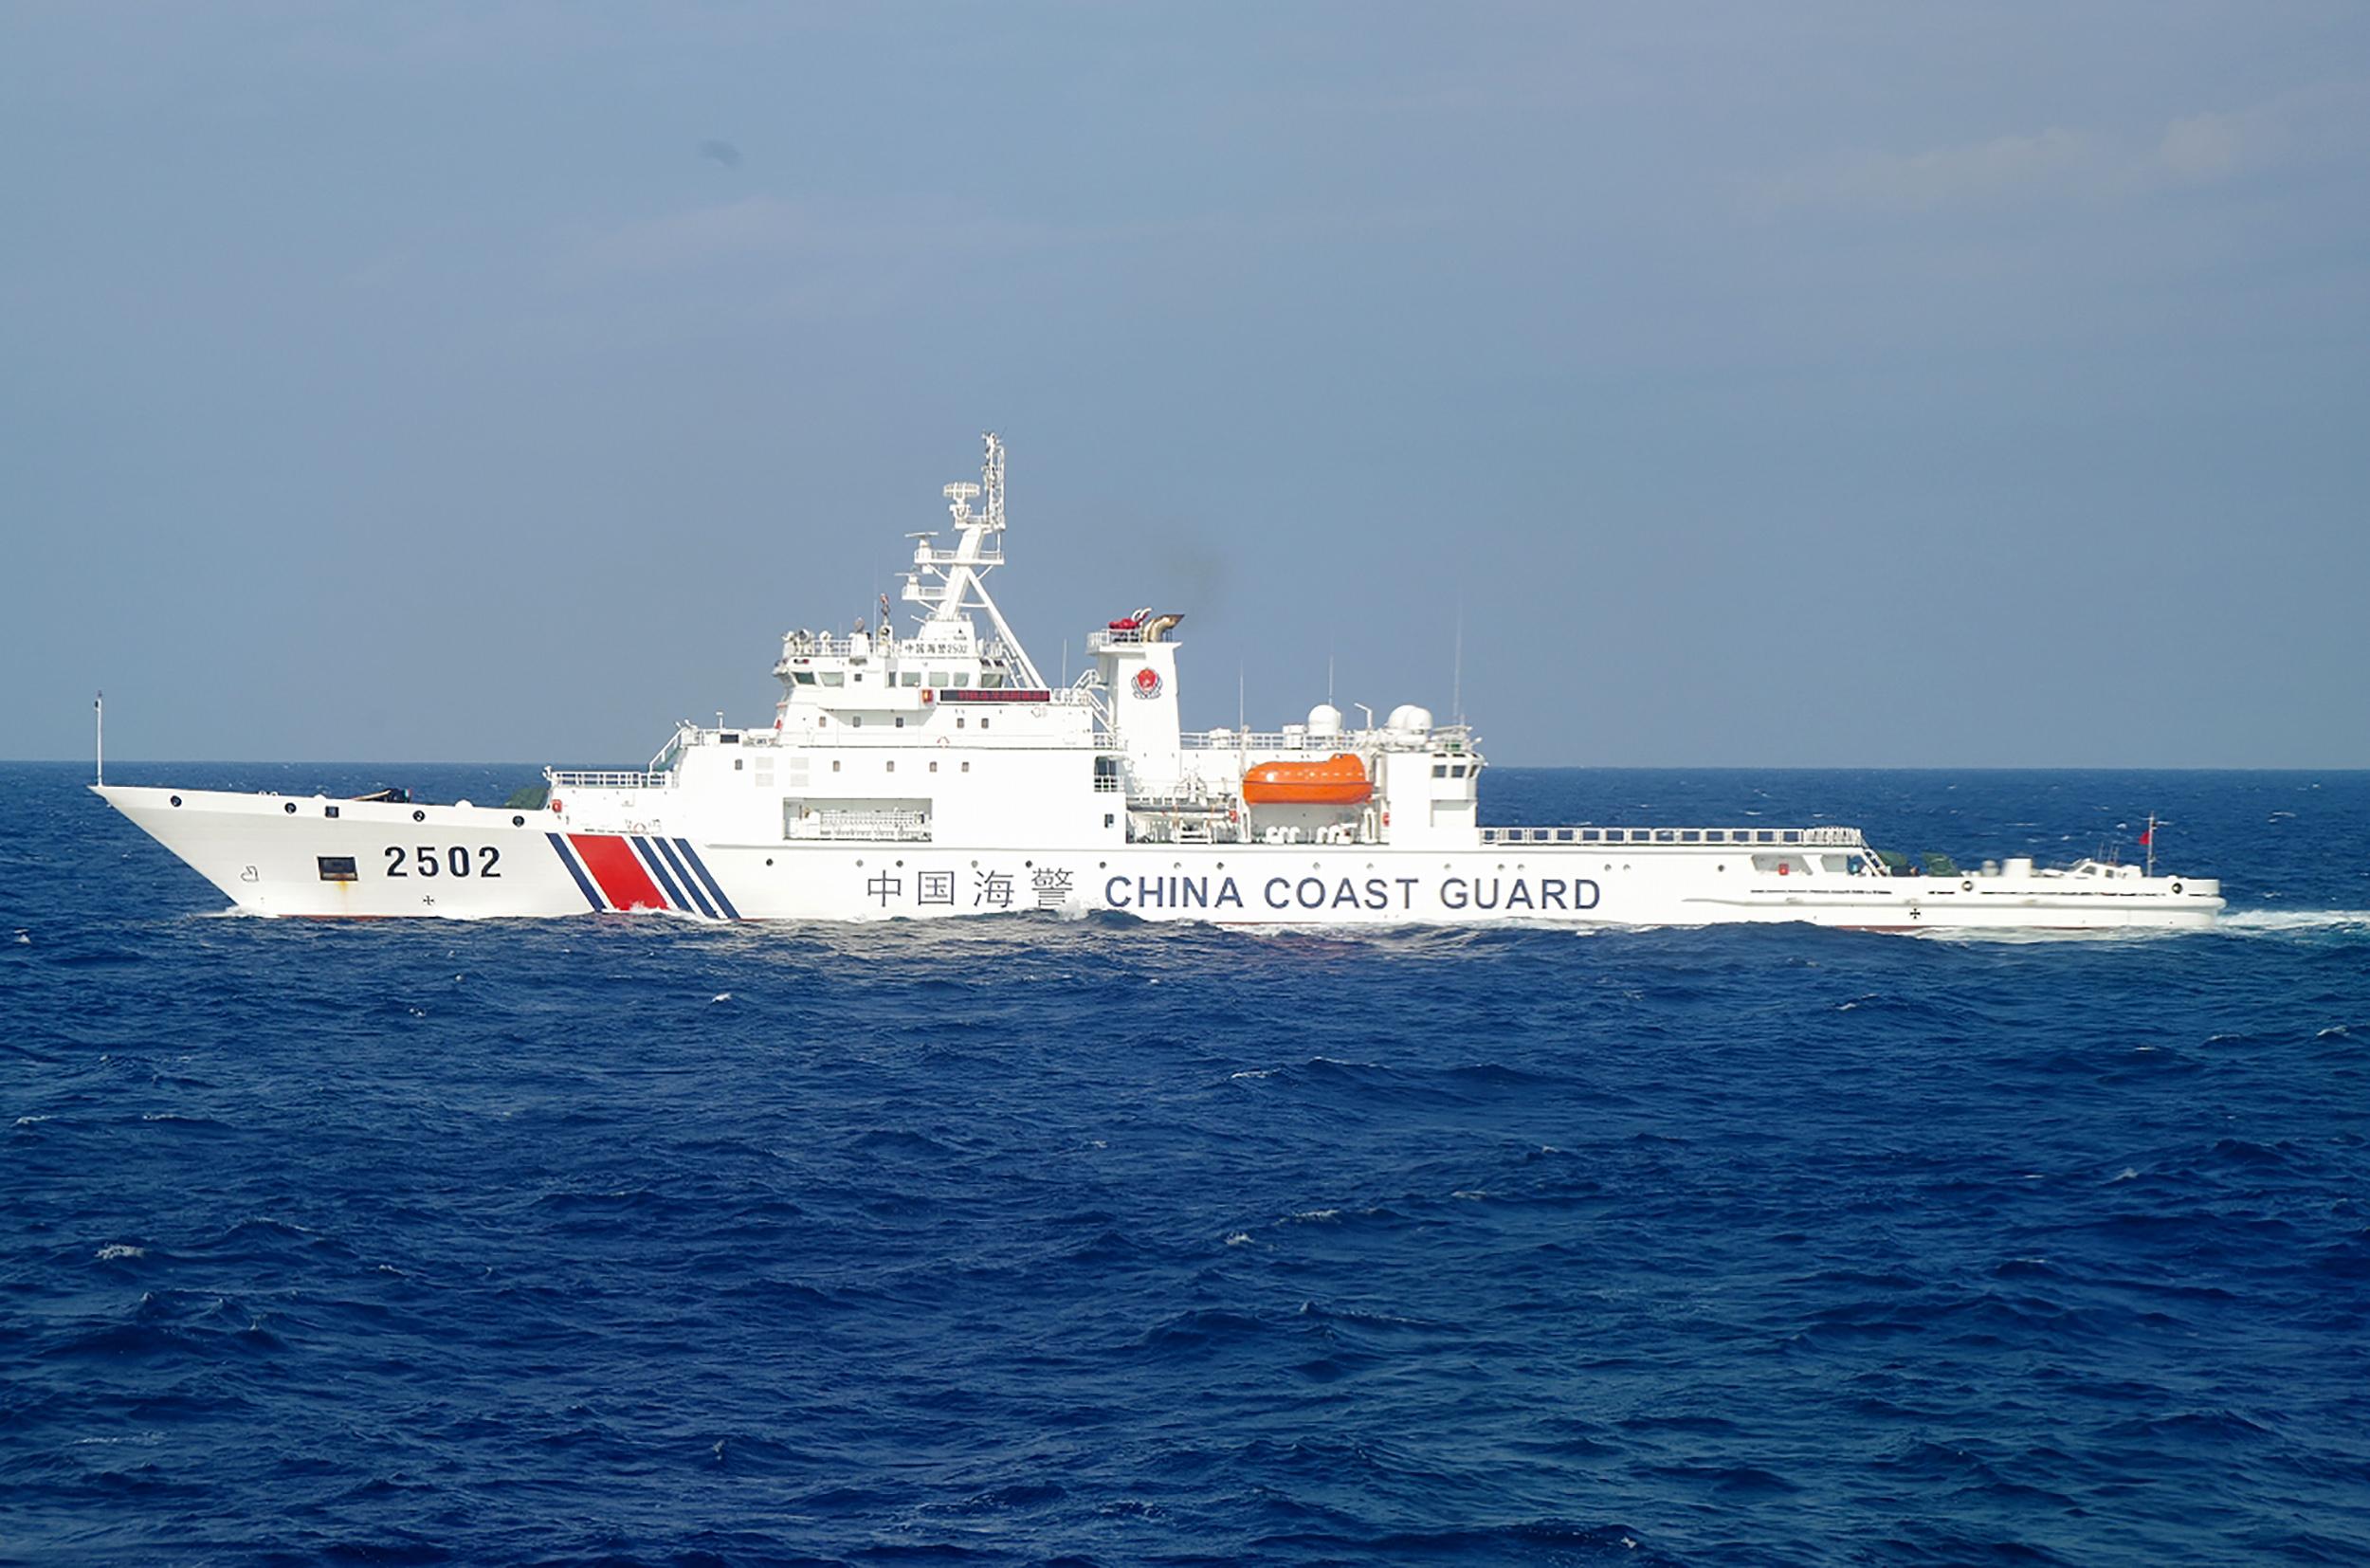 2012年9月11号,当时的日本野田政权将尖阁诸岛(中国称钓鱼岛)收归国有。其后,中国政府海警局船只反复驶入尖阁诸岛周边日本领海。(南洲提供)